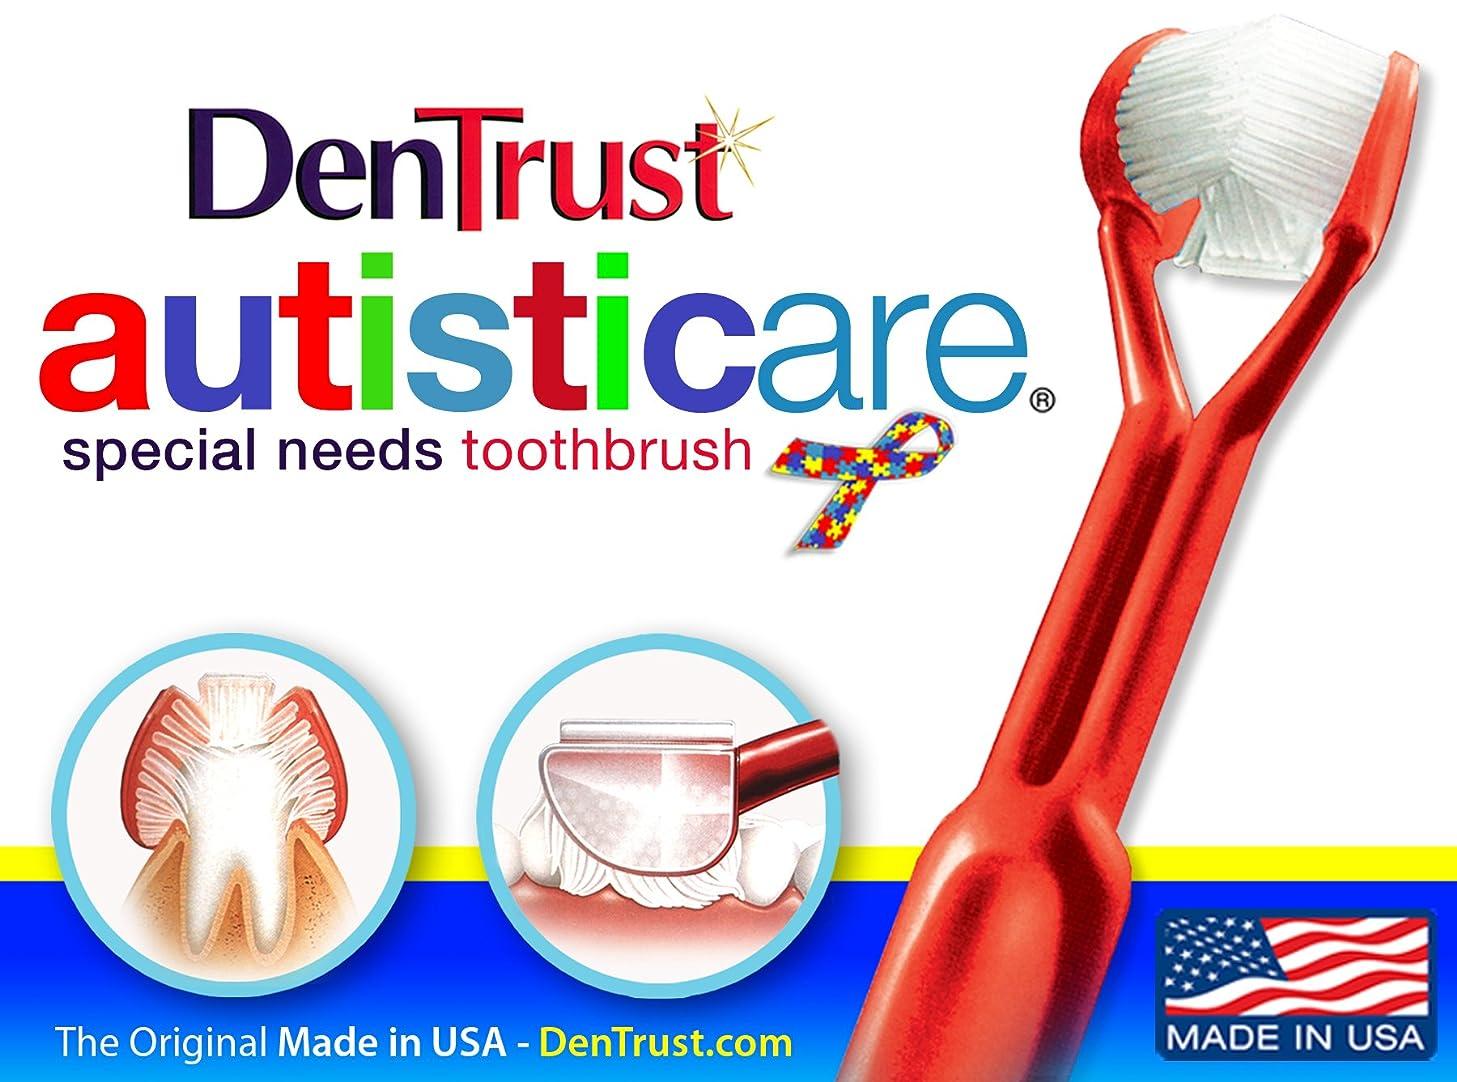 最初は最初にインフレーション子供?介護用に便利な3面歯ブラシ/DenTrust 3-Sided Toothbrush :: Specialty Toothbrush